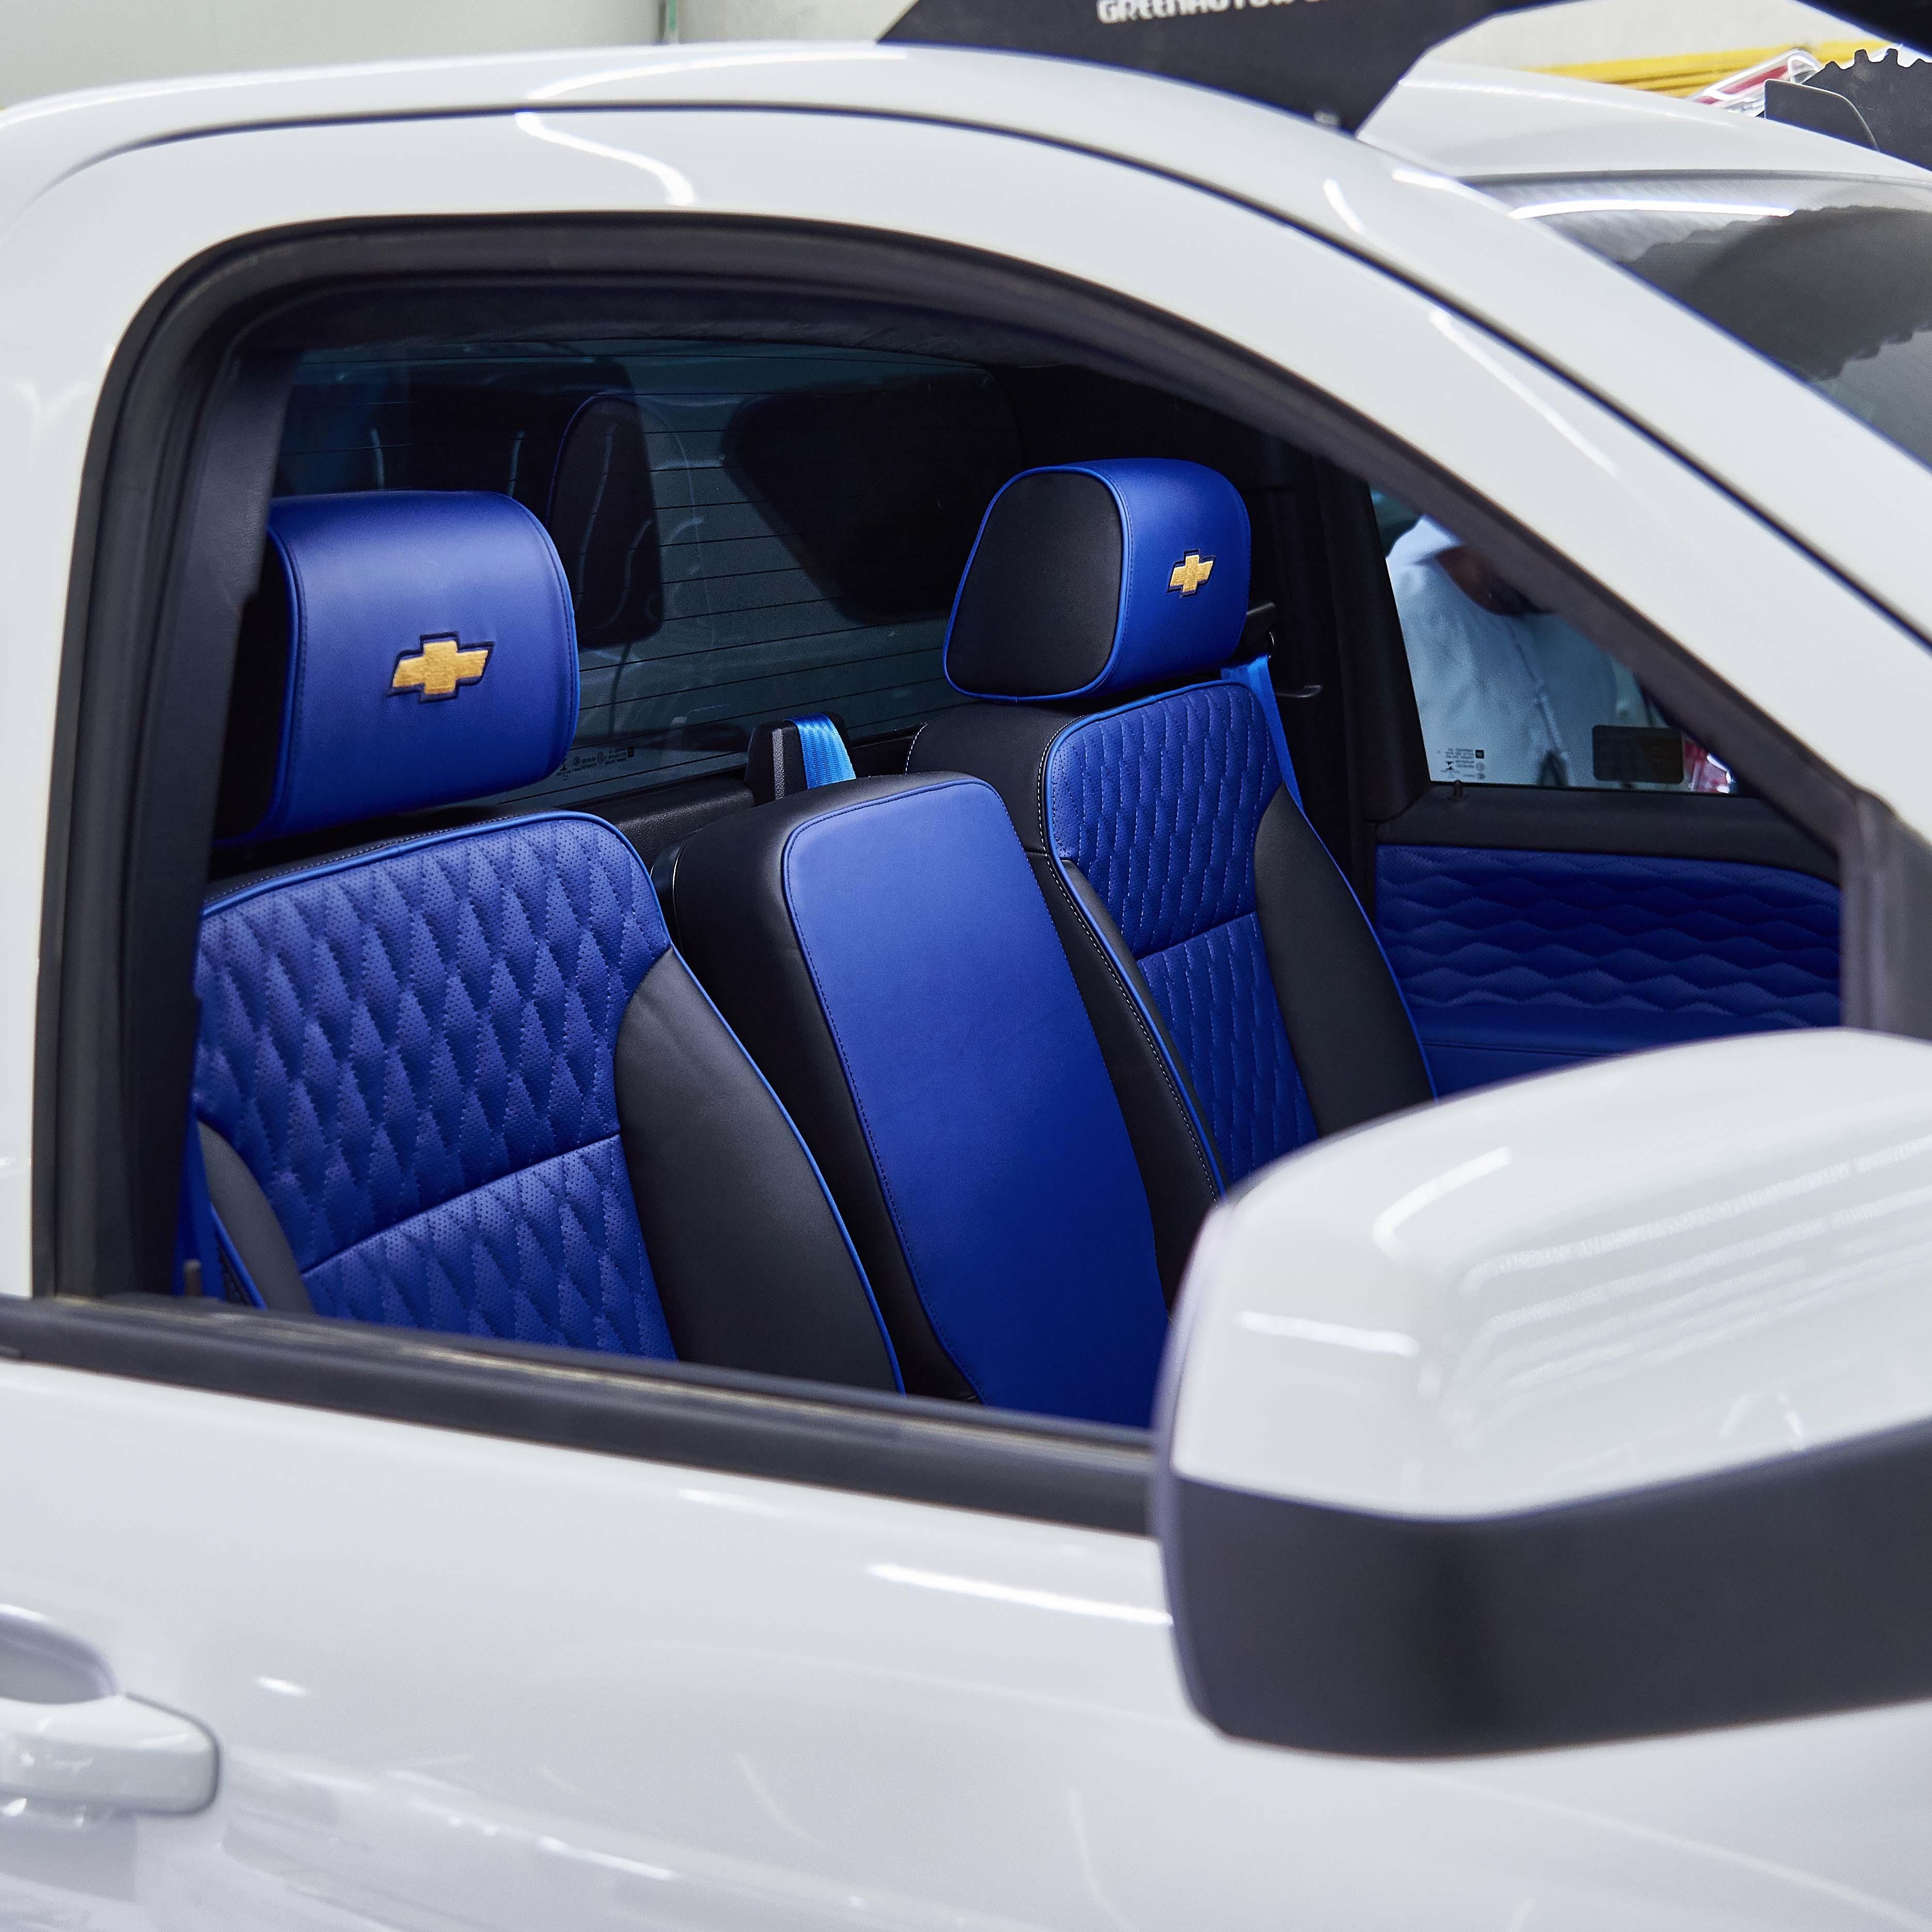 Lamst Fn Upholstery Cars